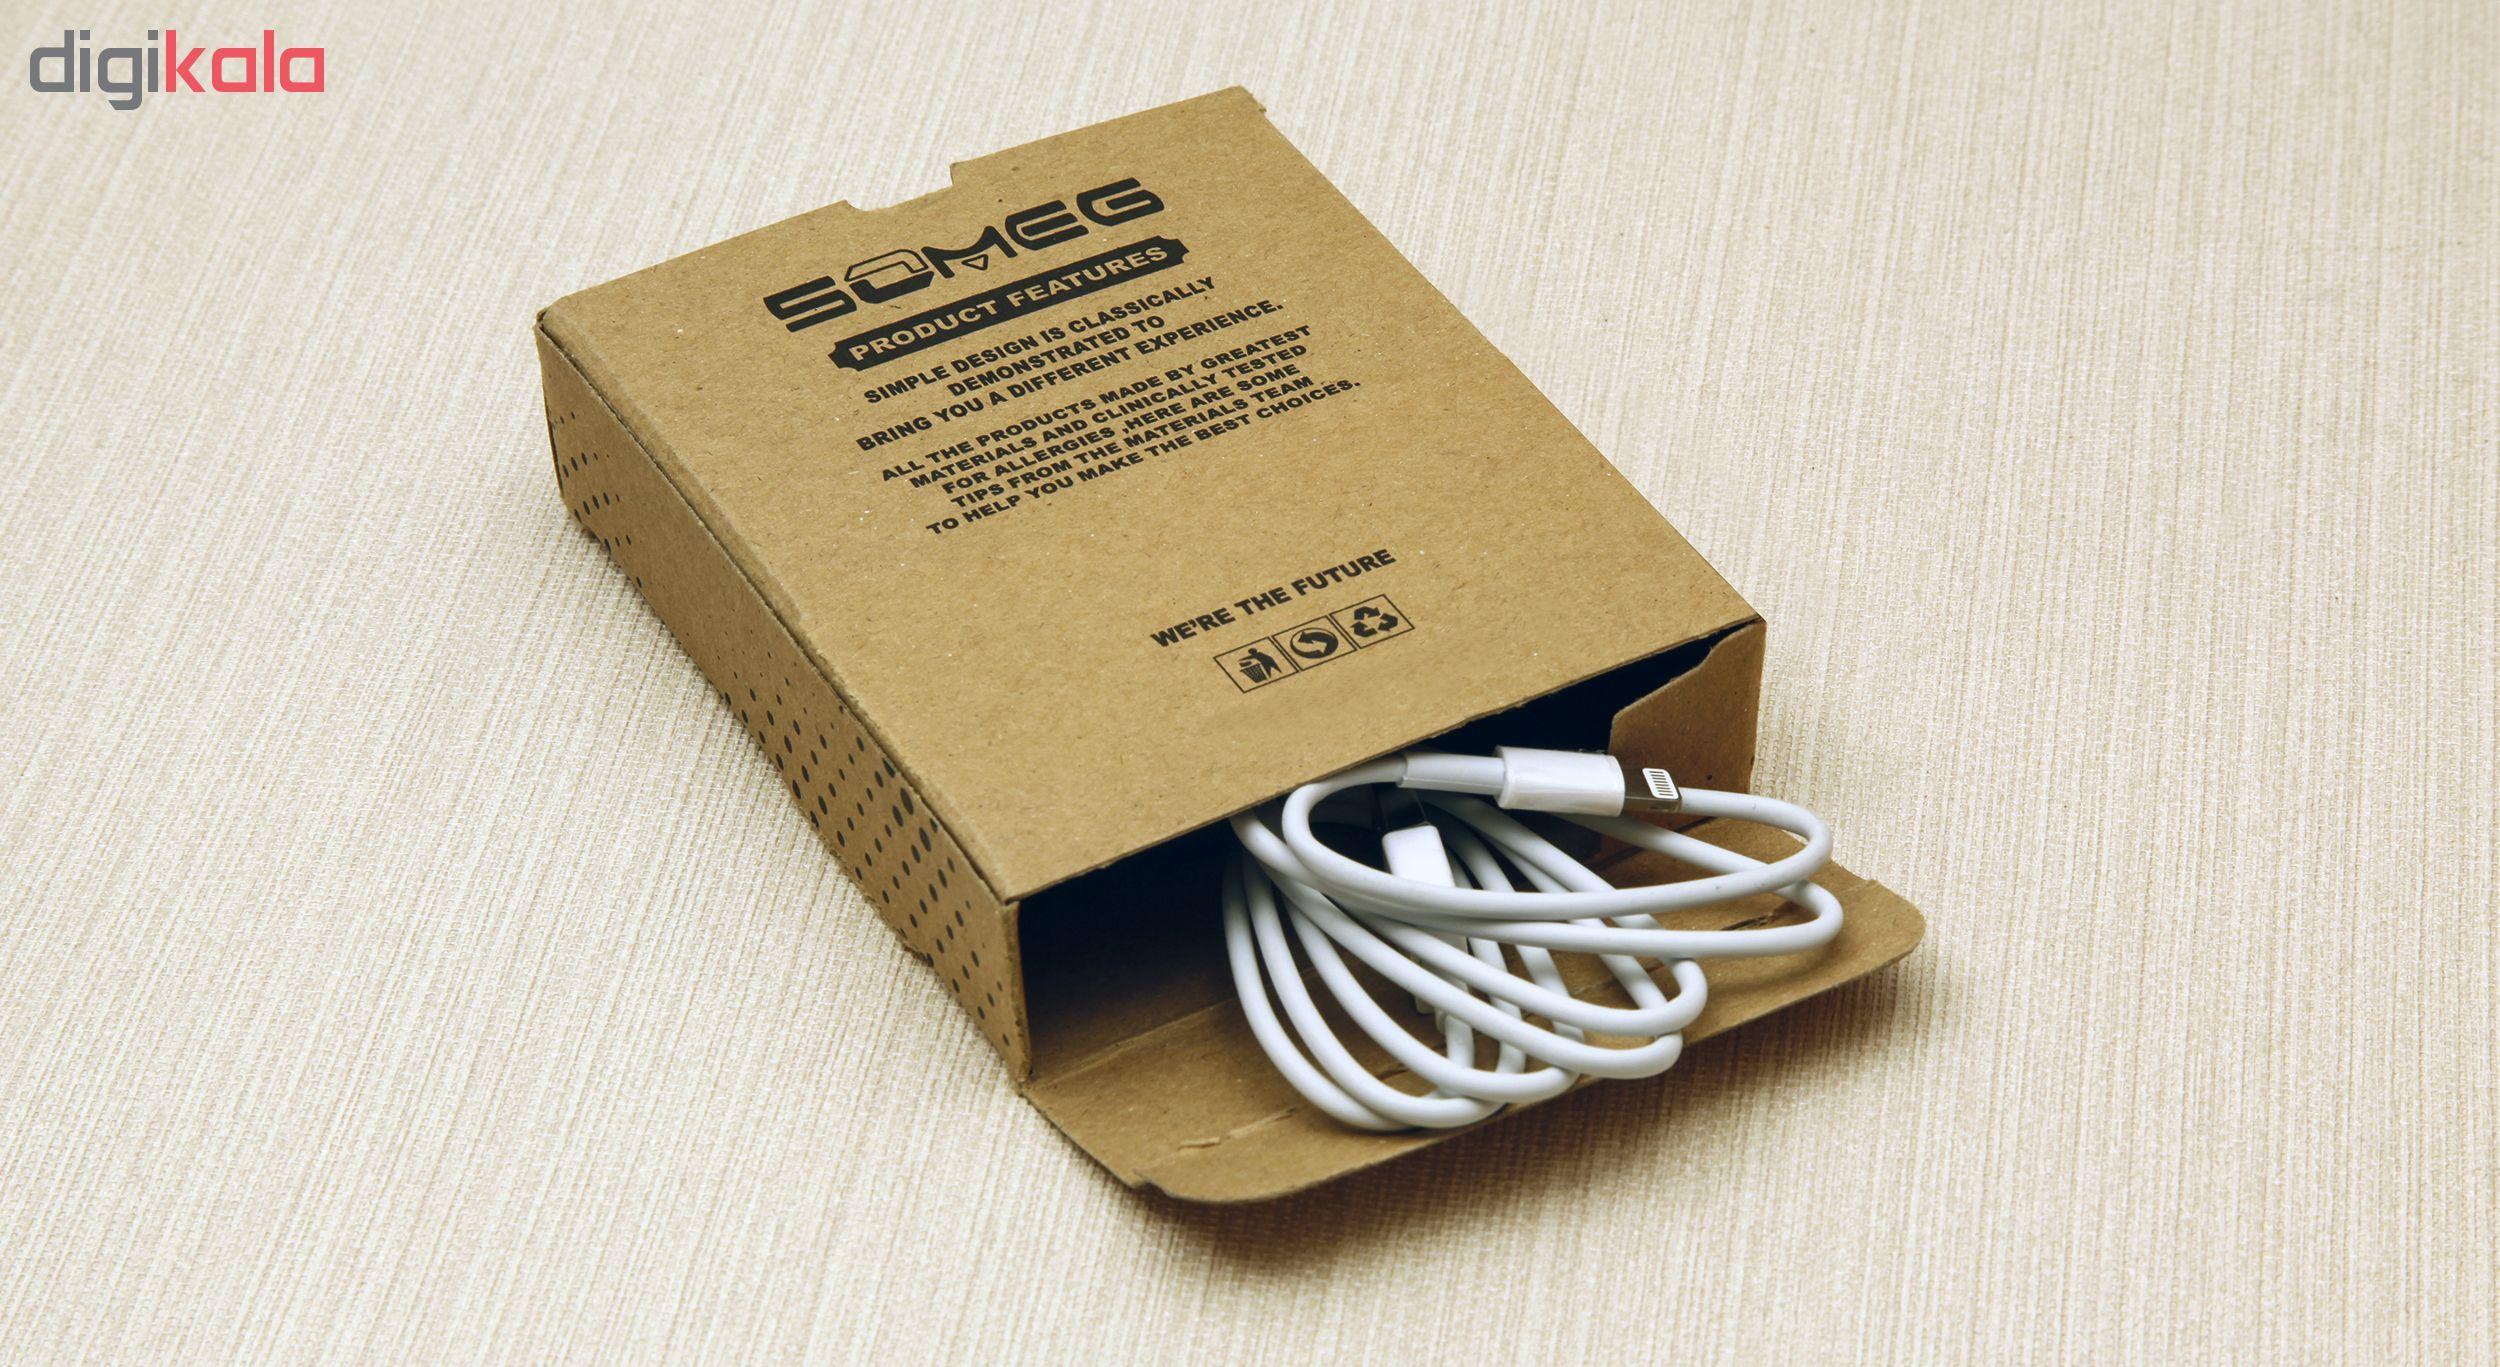 کابل تبدیل USB به لایتنینگ سومگ مدل 001 طول 1 متر main 1 8